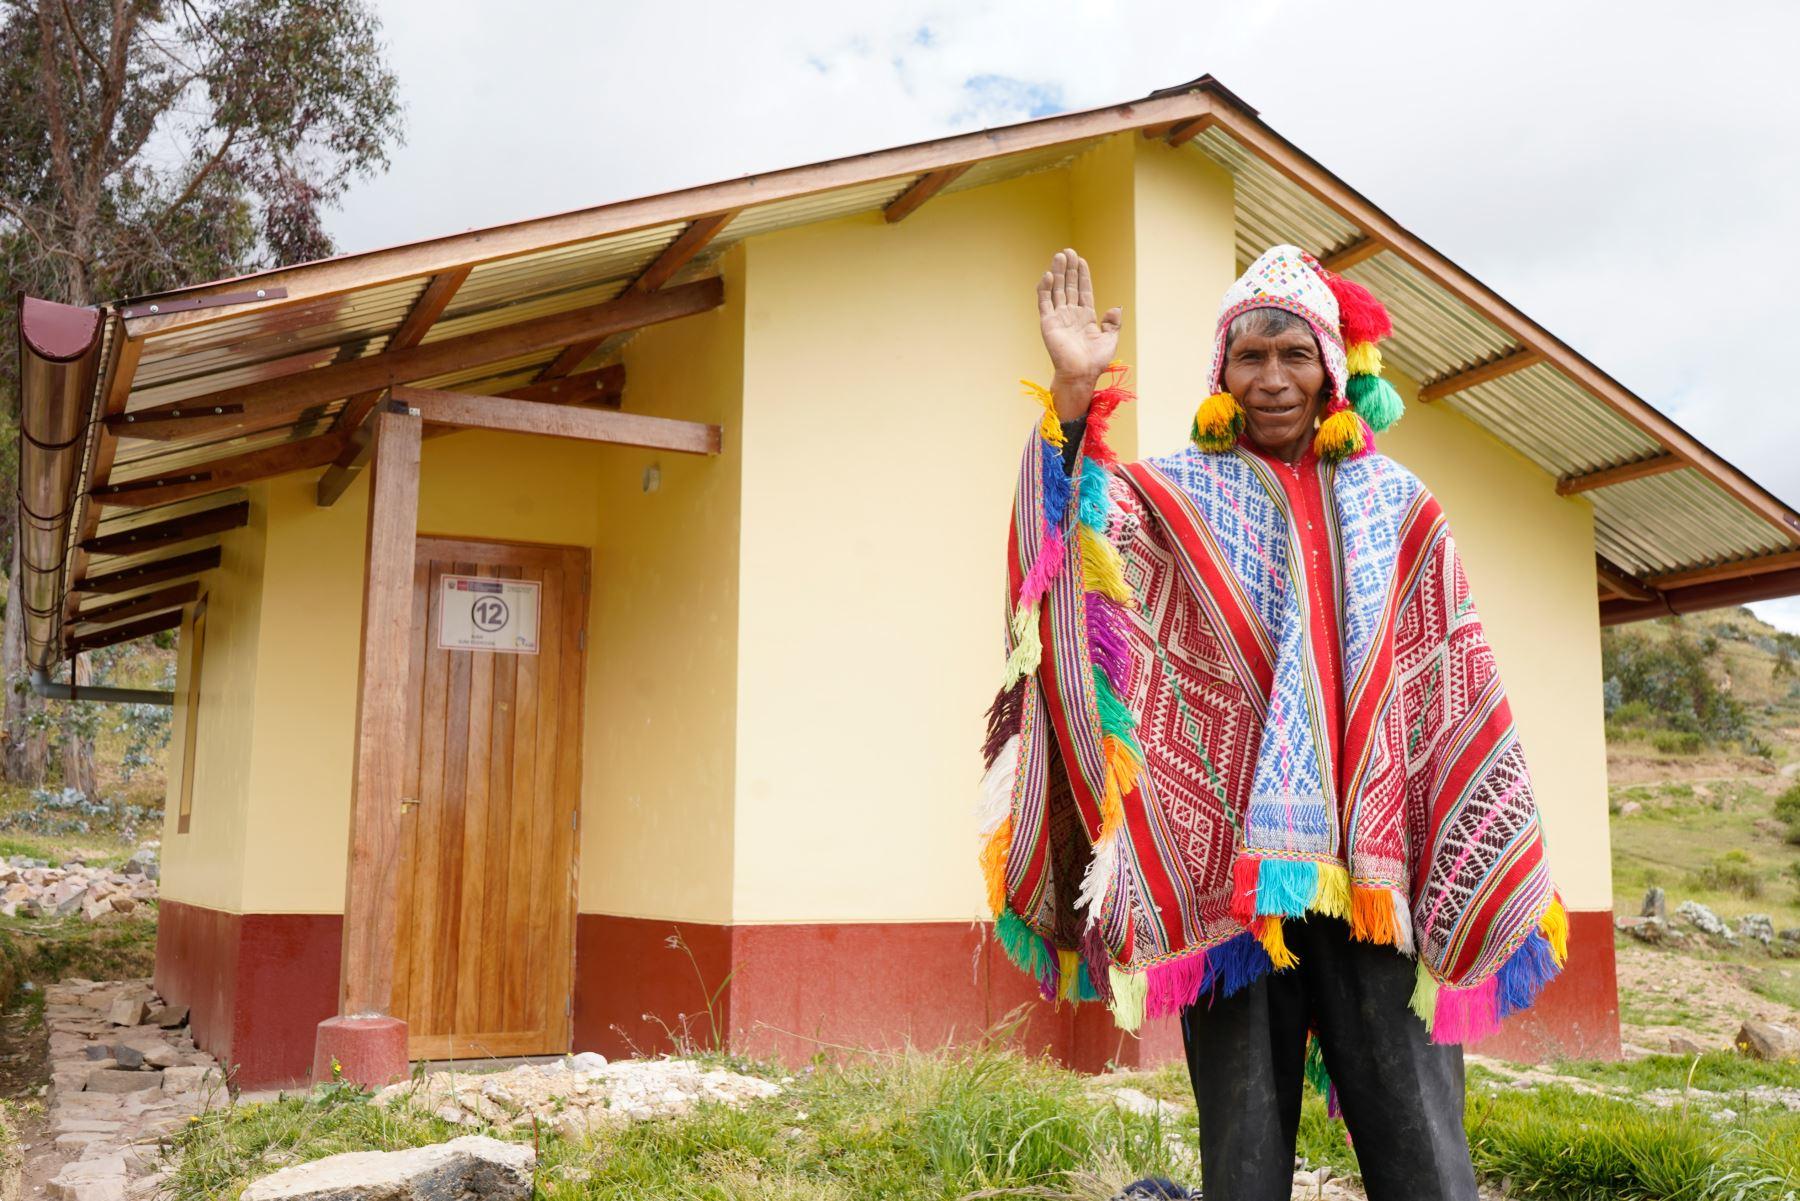 El Ministerio de Vivienda, Construcción y Saneamiento edificará 1,300 viviendas bioclimáticas Sumaq Wasi en las regiones de Huancavelica, Junín, Apurímac, Ayacucho, Arequipa y Tacna.